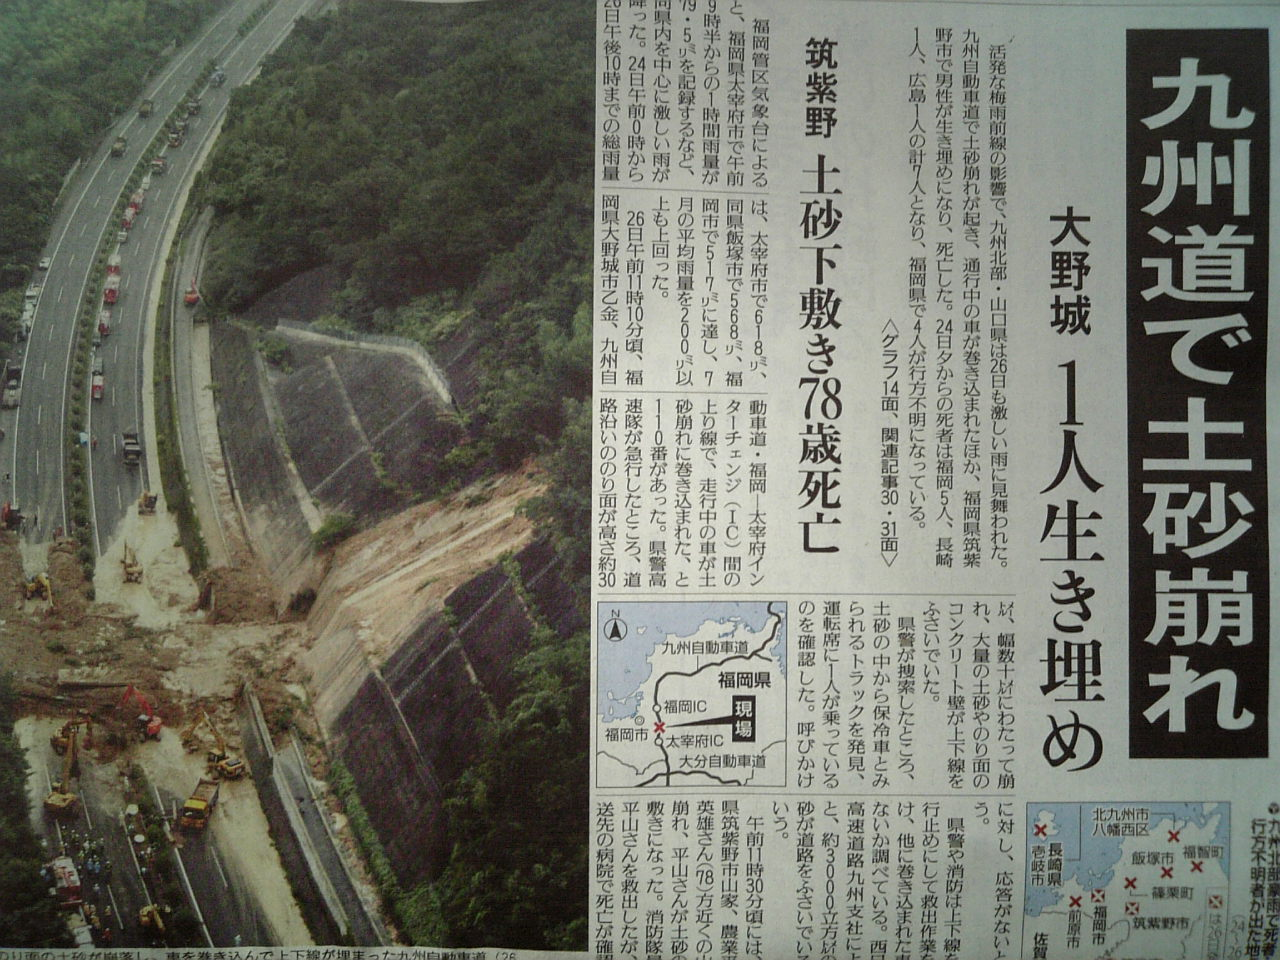 九州道で土砂崩れ